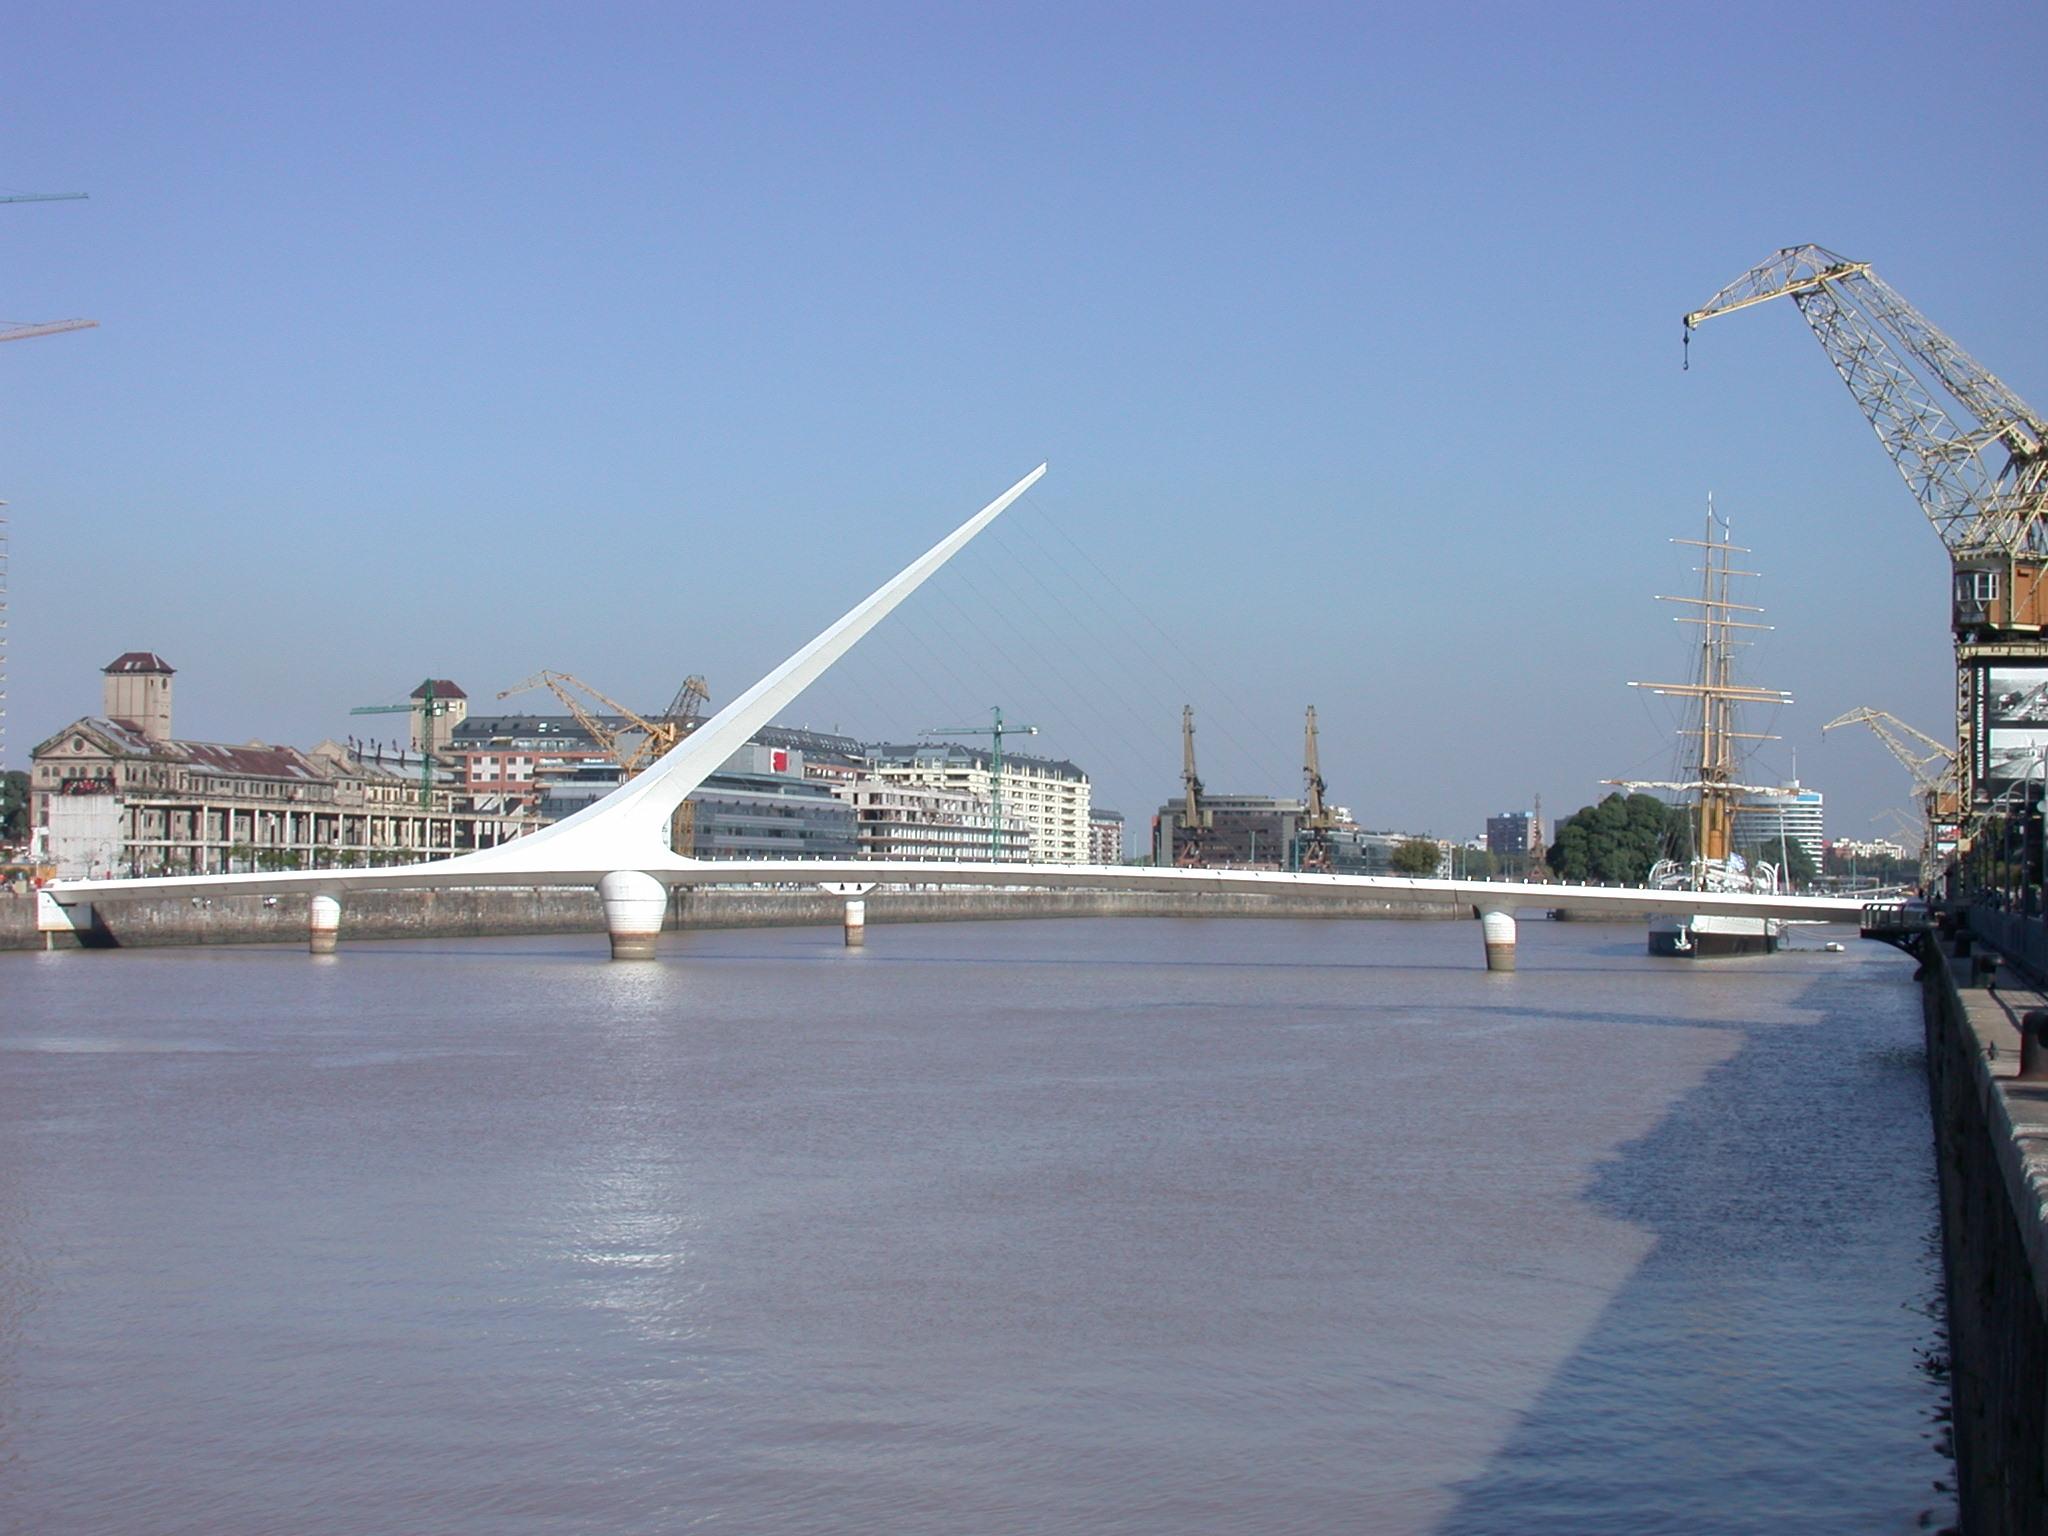 Bridge, Puerto Madero, Buenos Aires, Argentina